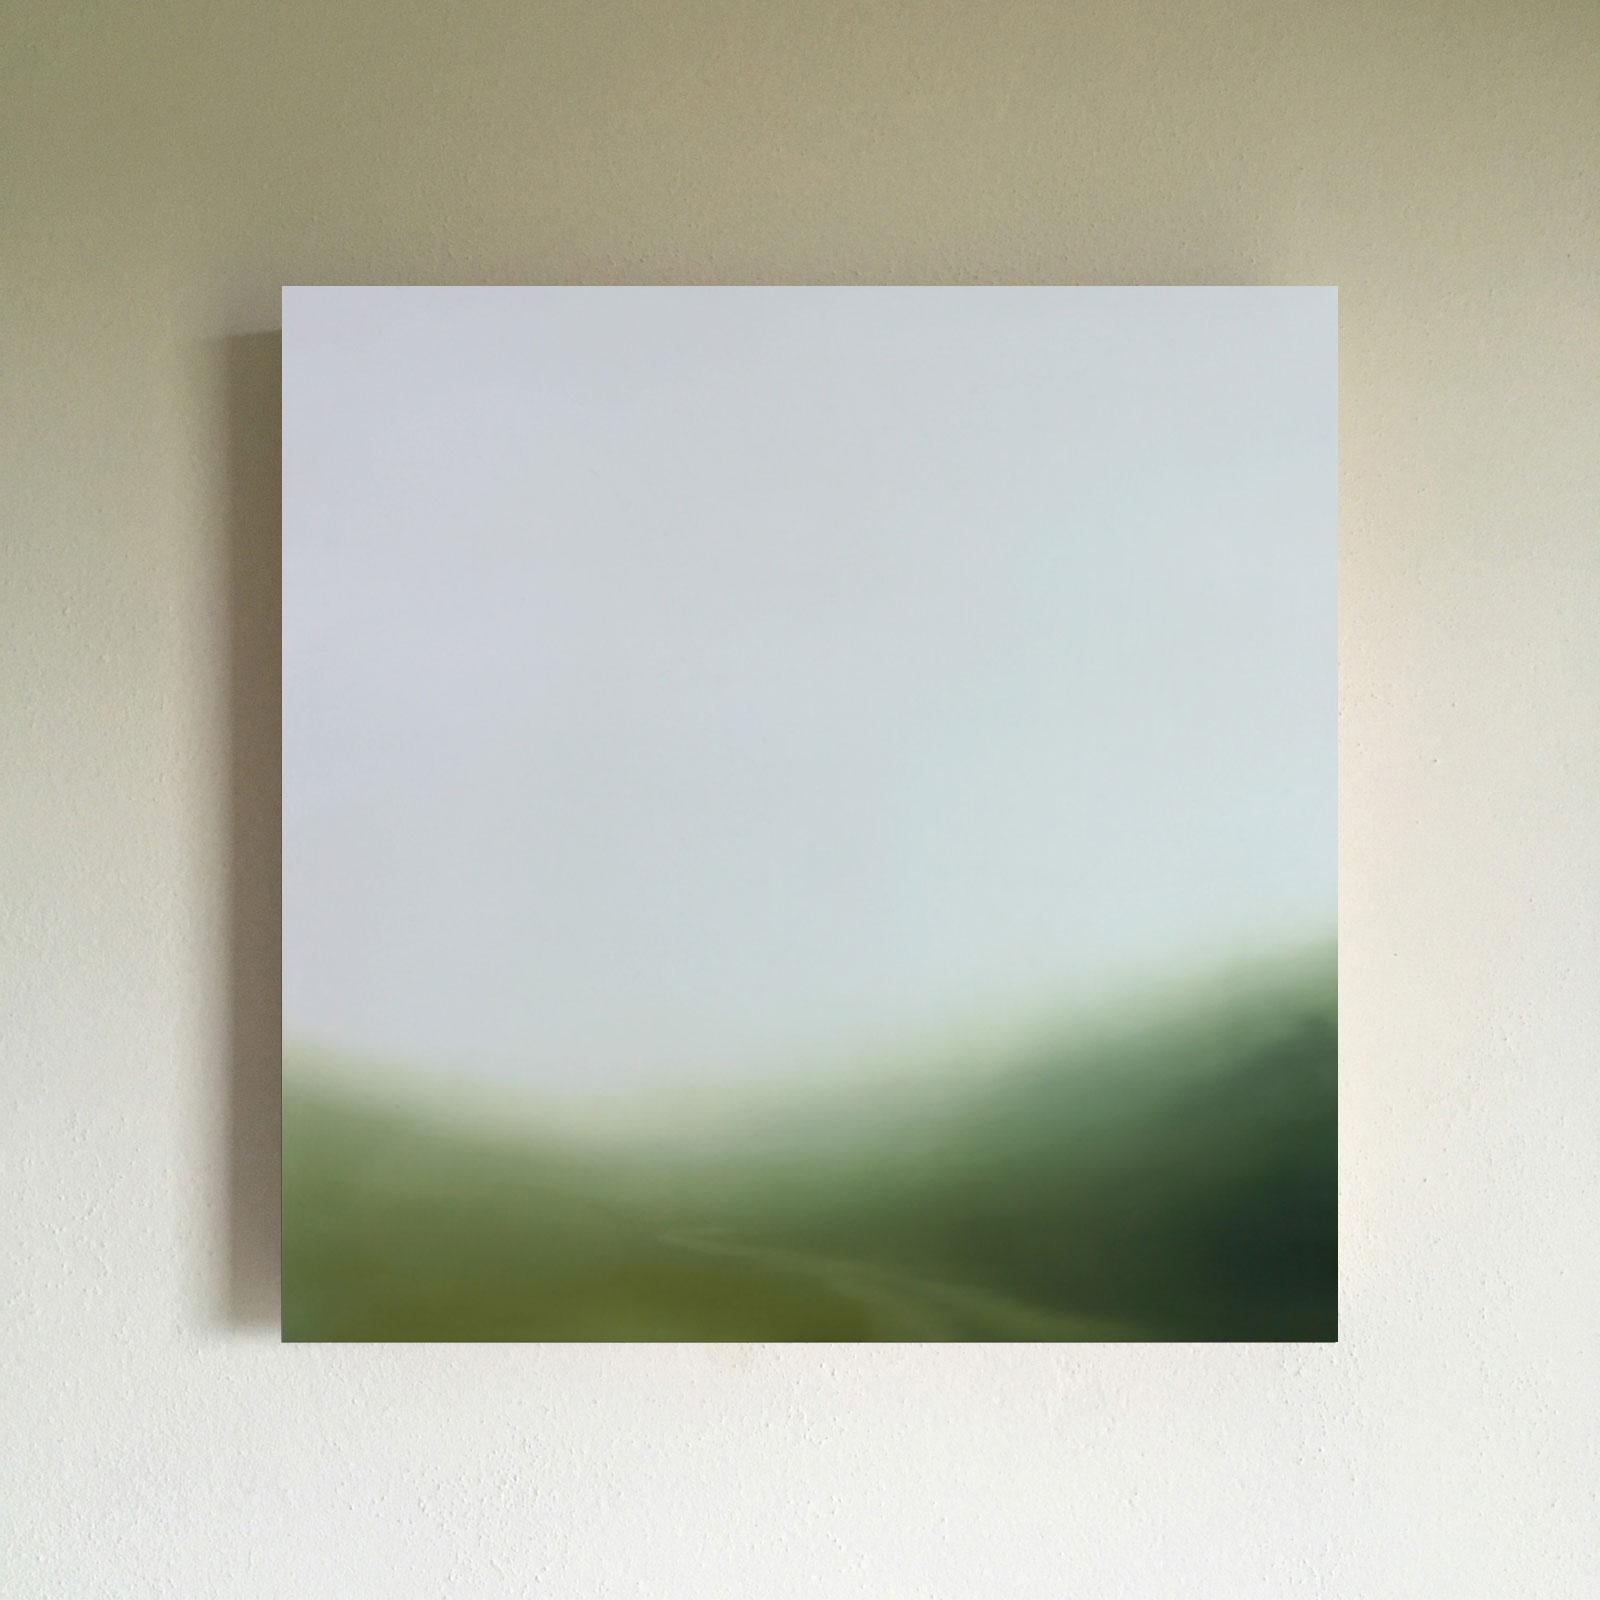 T#87-2012, oil on canvas, 45x45cm, Permanent Collection - Villa Vertua Masolo (MB)